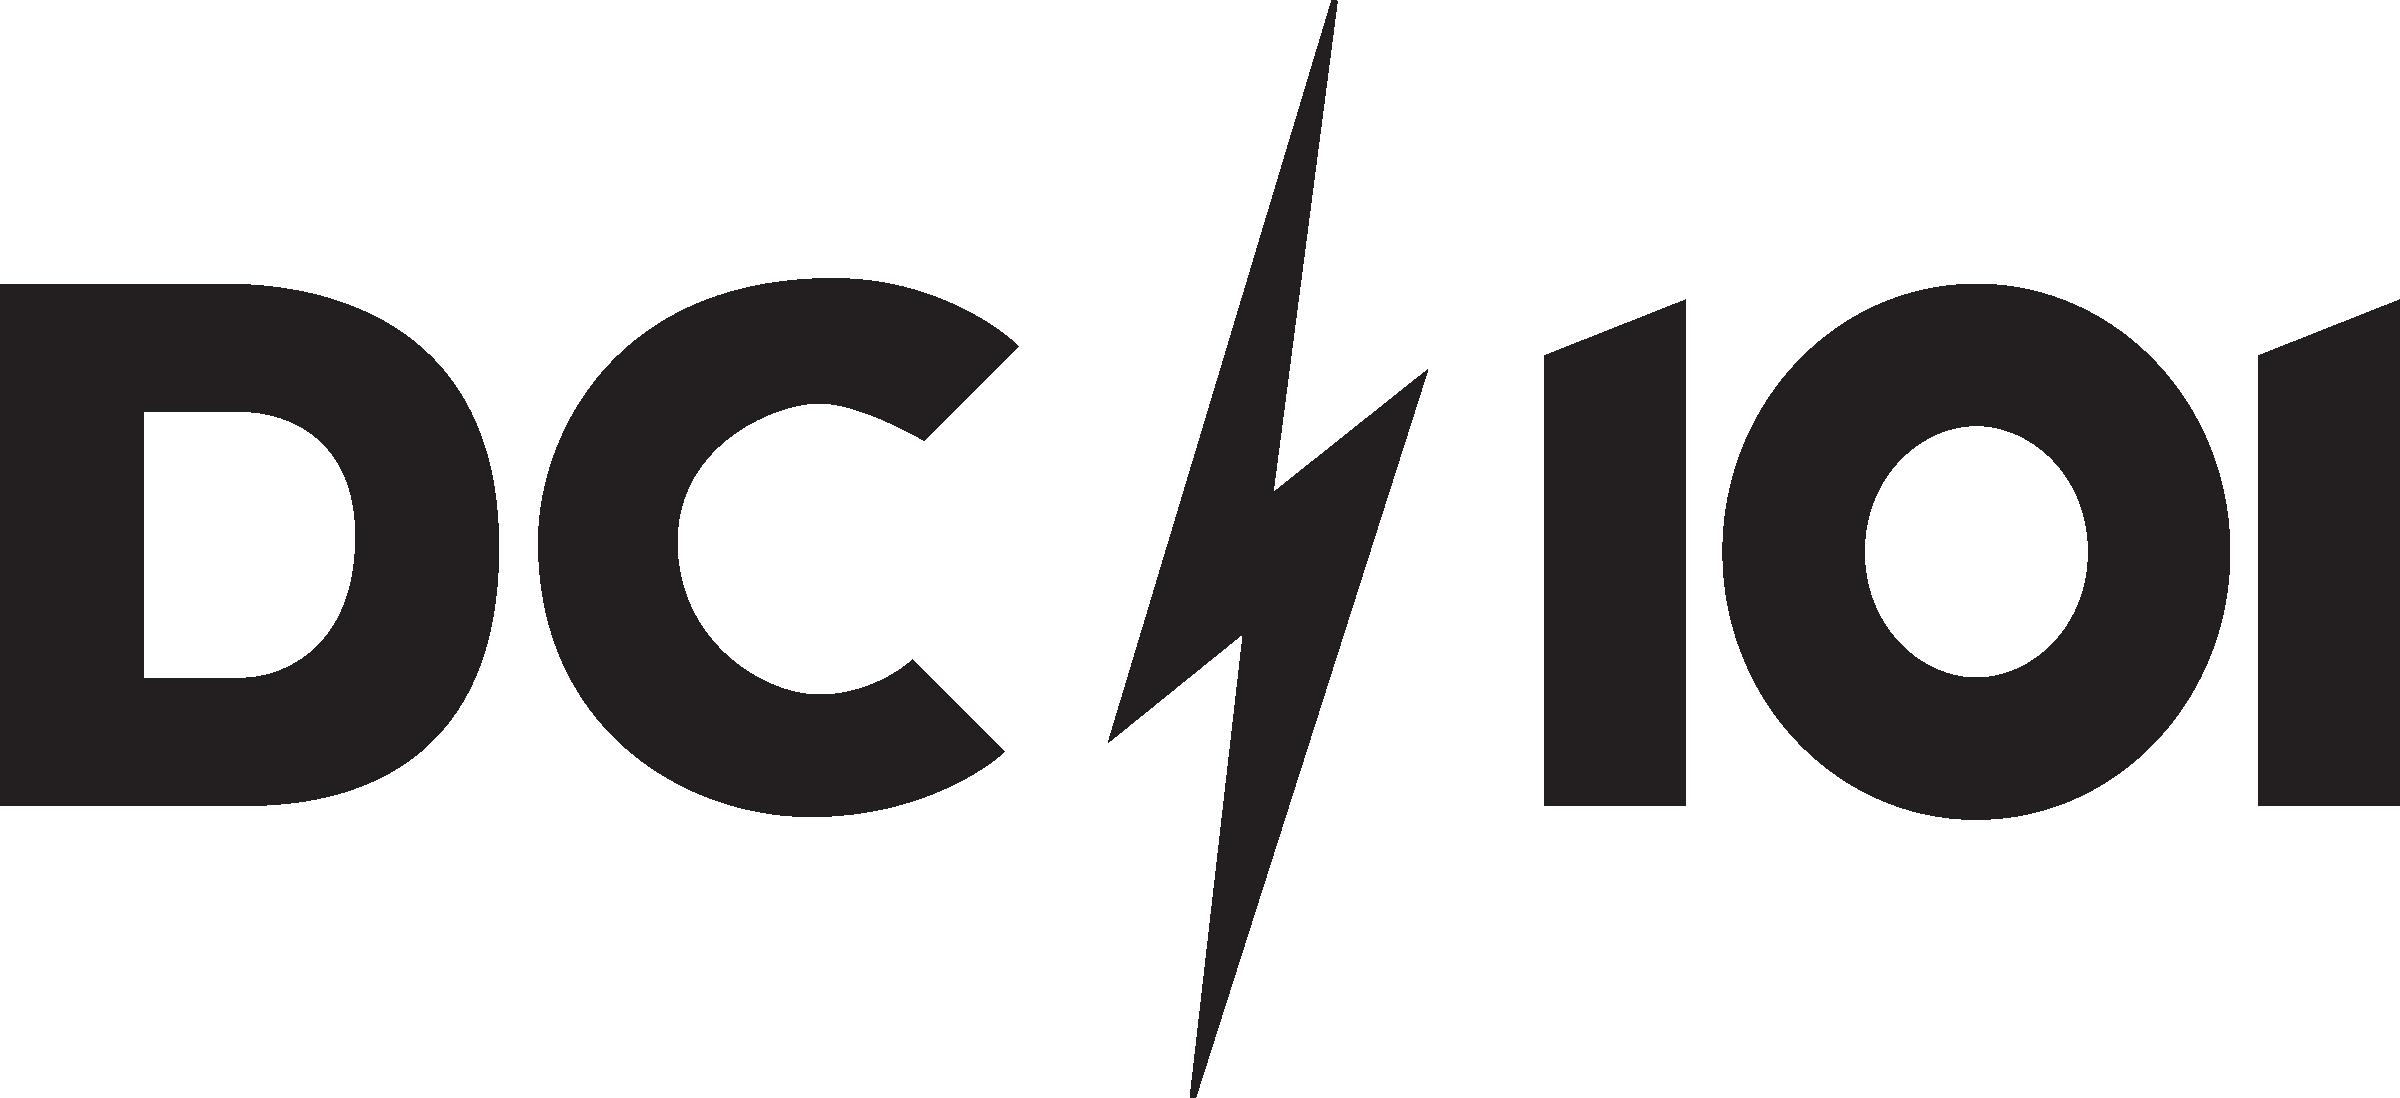 DC101-Bolt-Transparent-Background.png